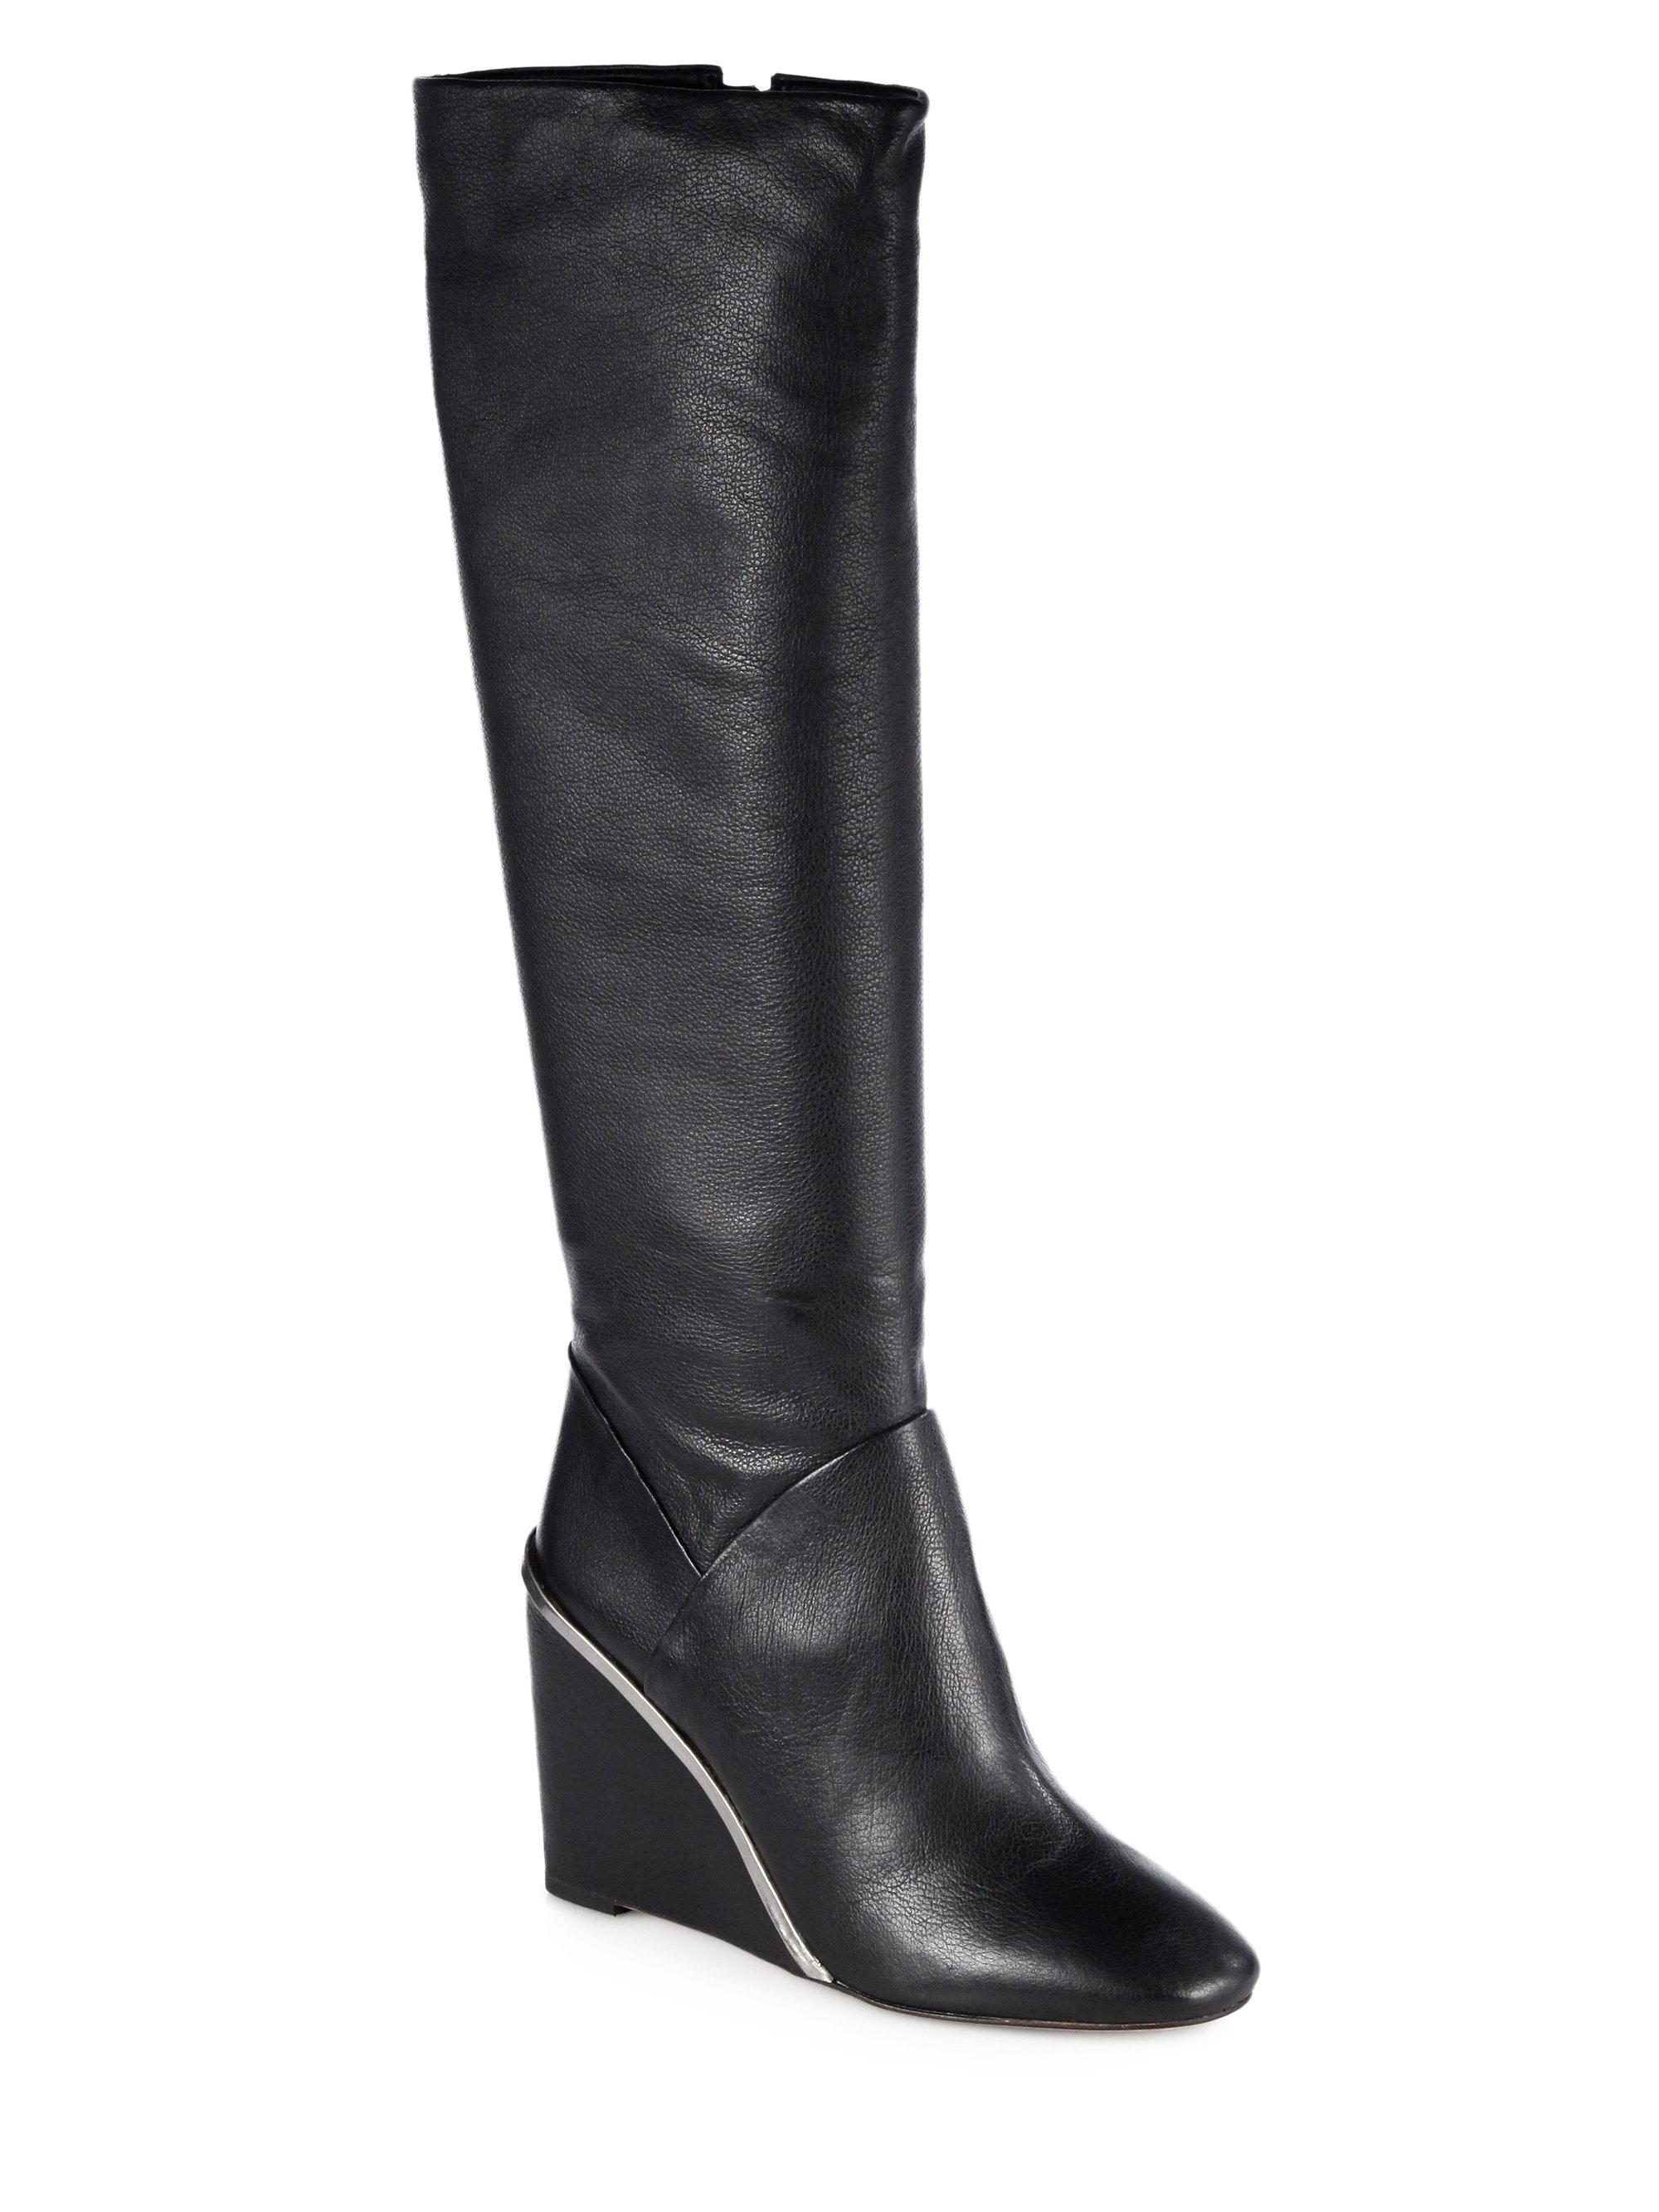 Diane Von Furstenberg Paula Leather Kneehigh Wedge Boots